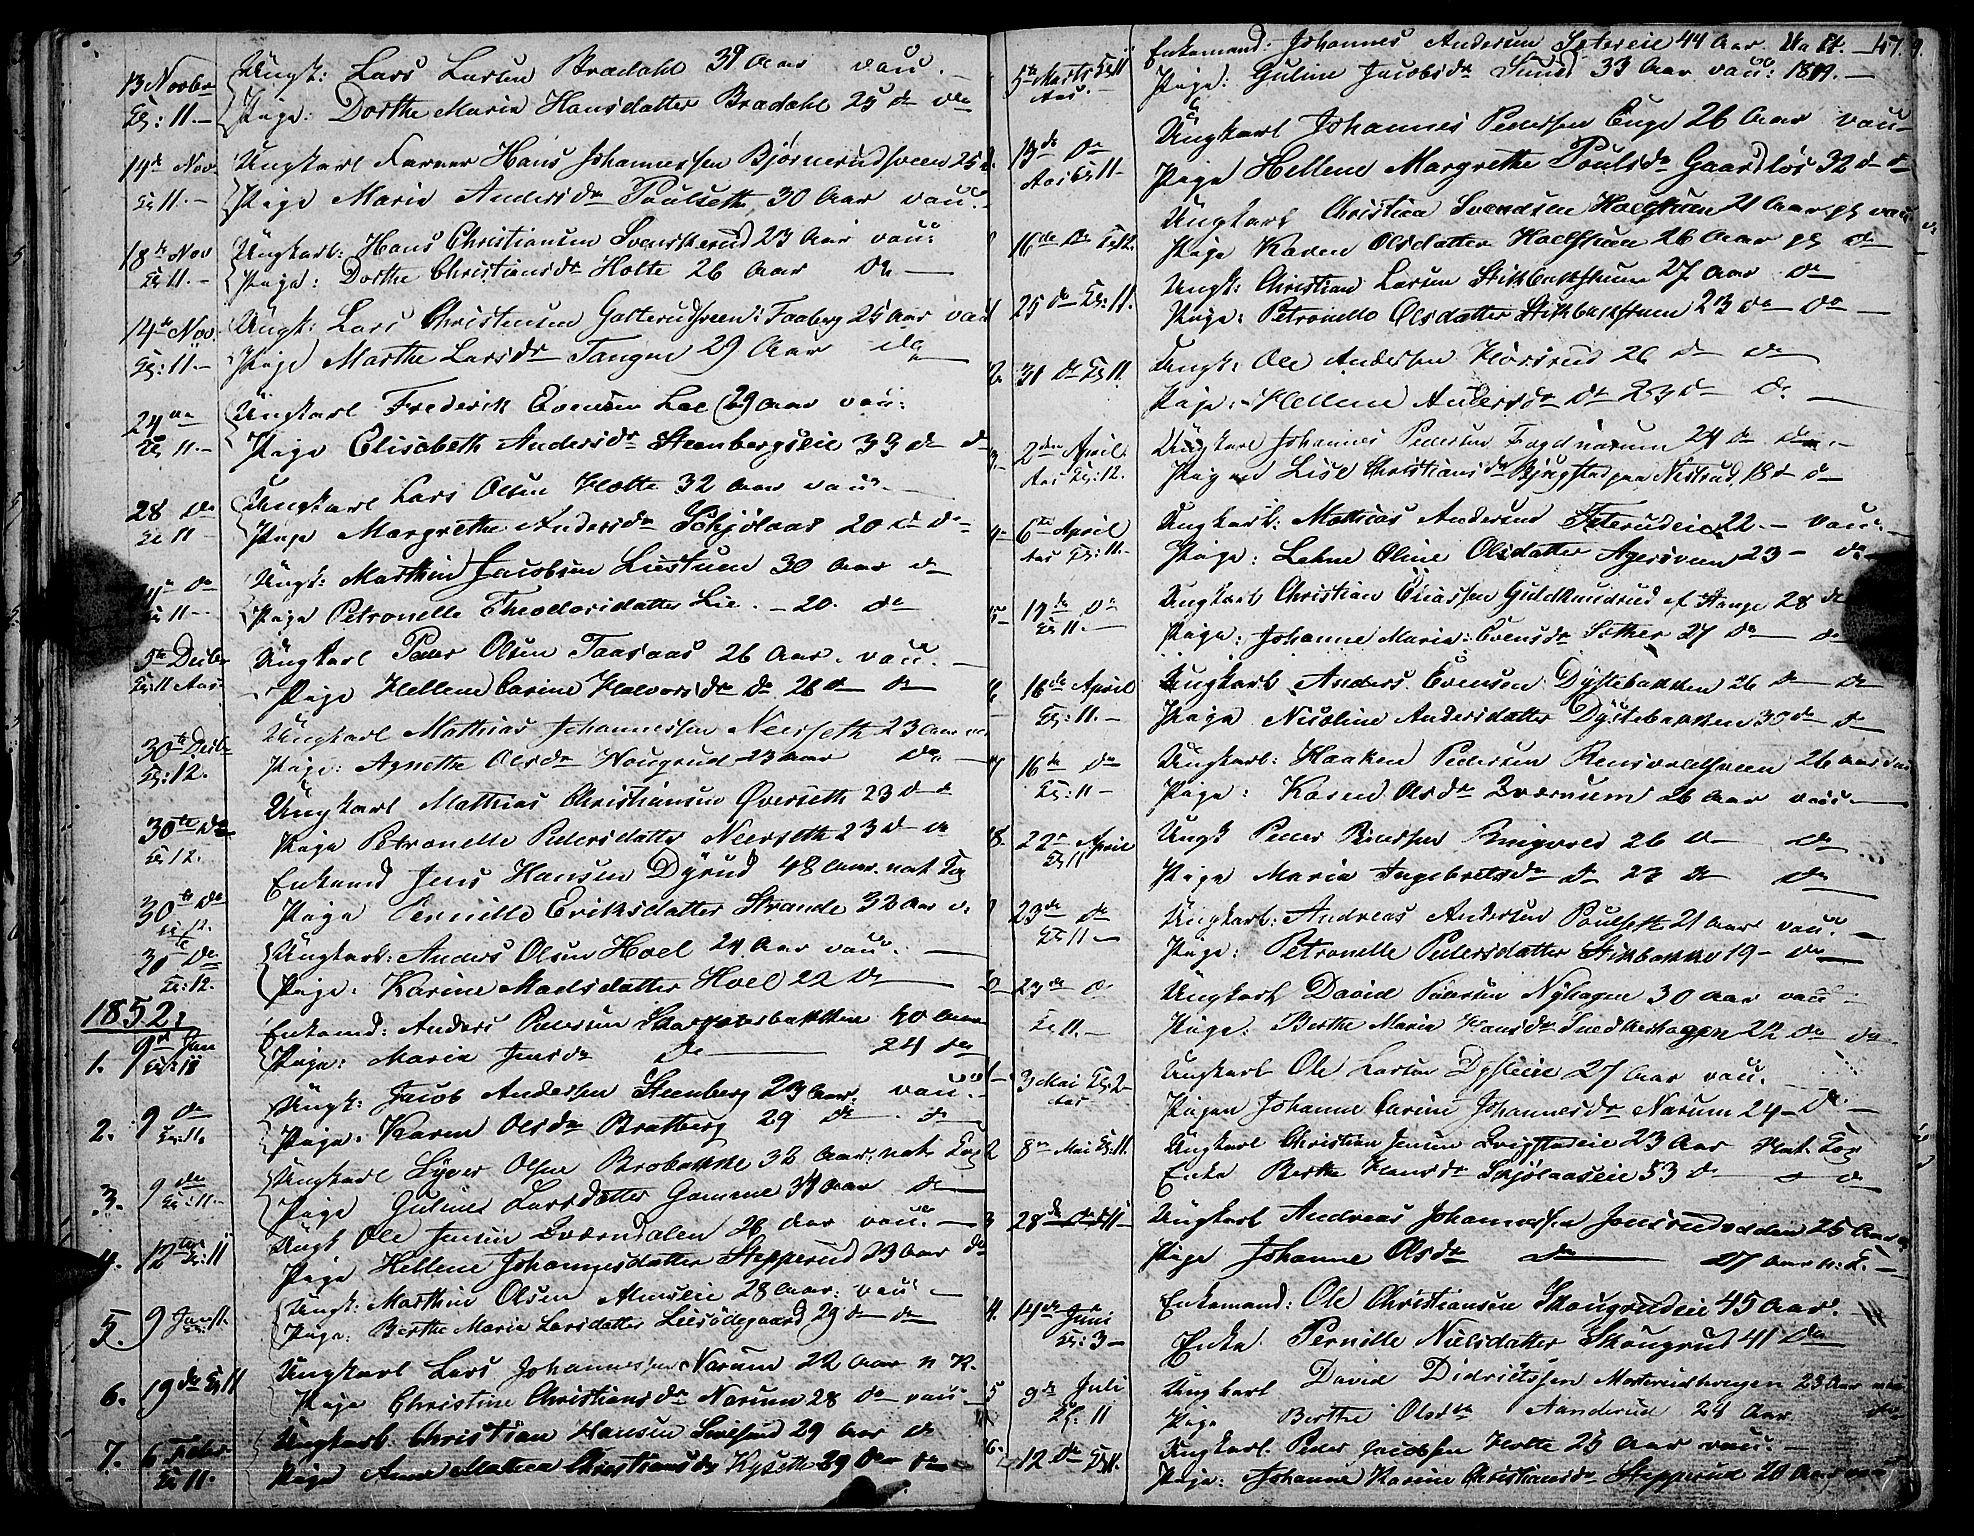 SAH, Vestre Toten prestekontor, Klokkerbok nr. 3, 1846-1854, s. 47